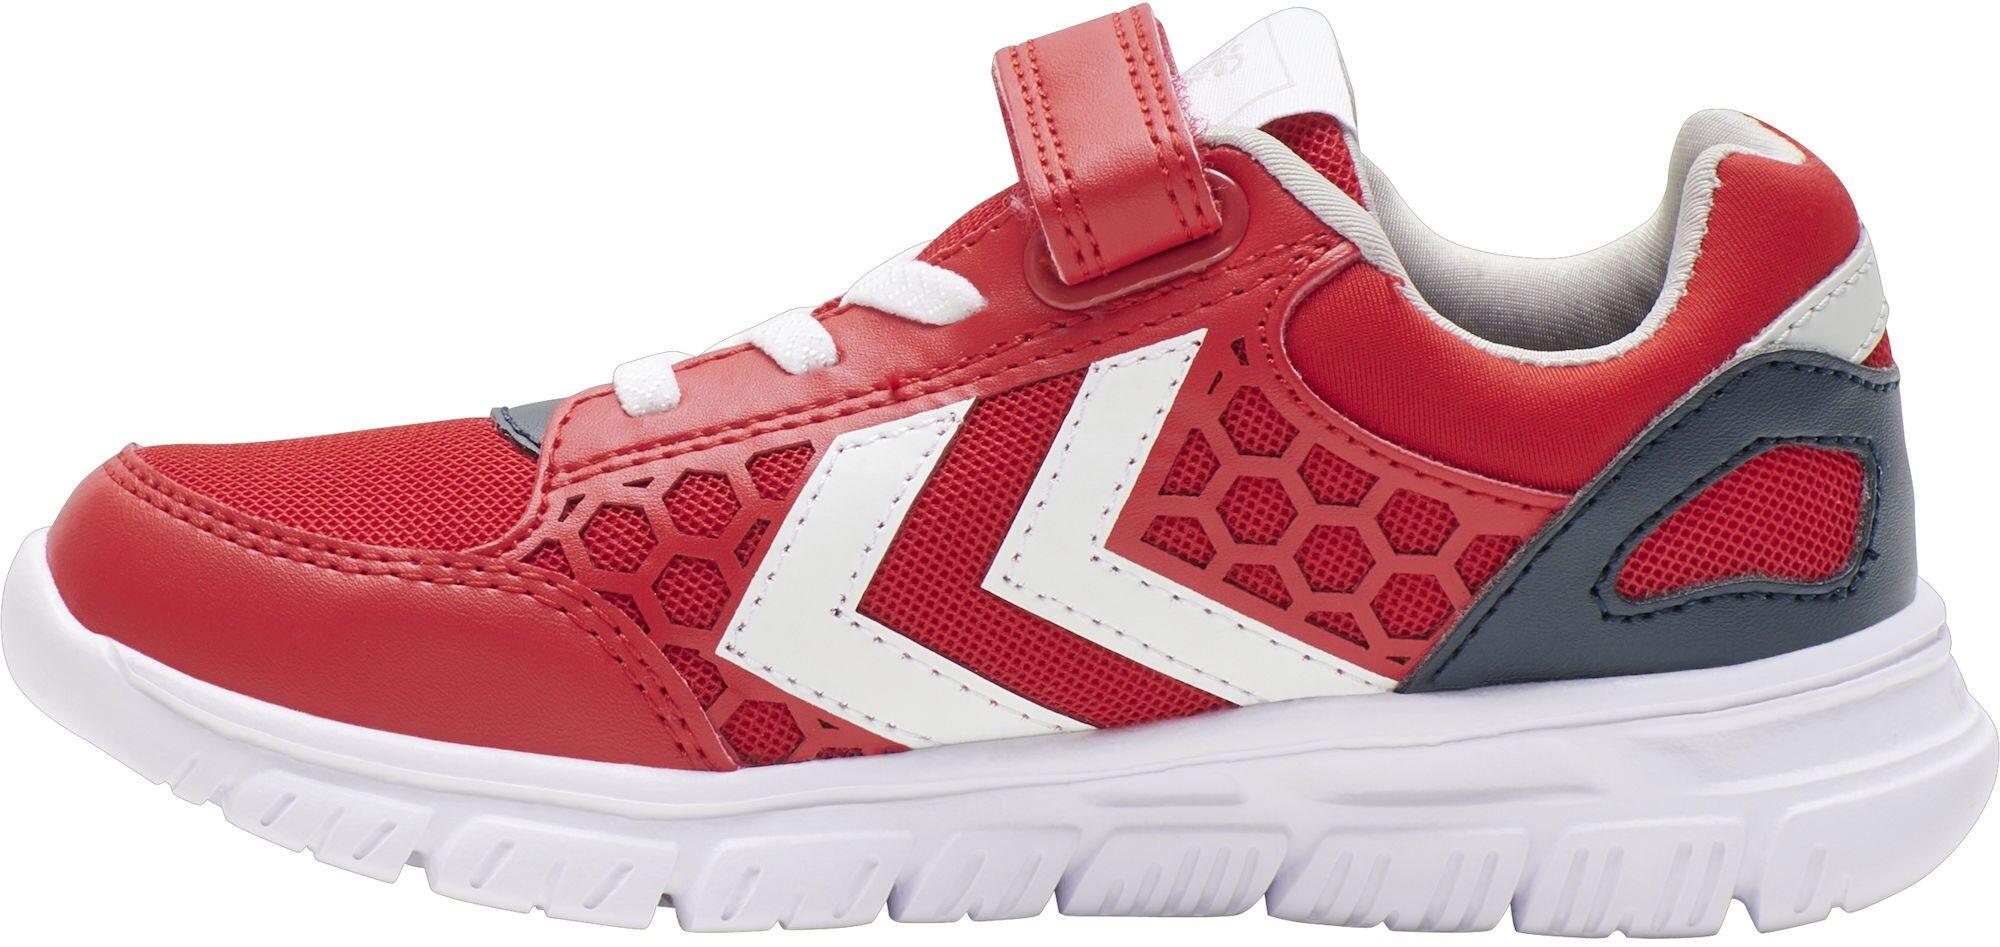 Hummel Crosslite Jr Sneaker, High Risk Red, 30